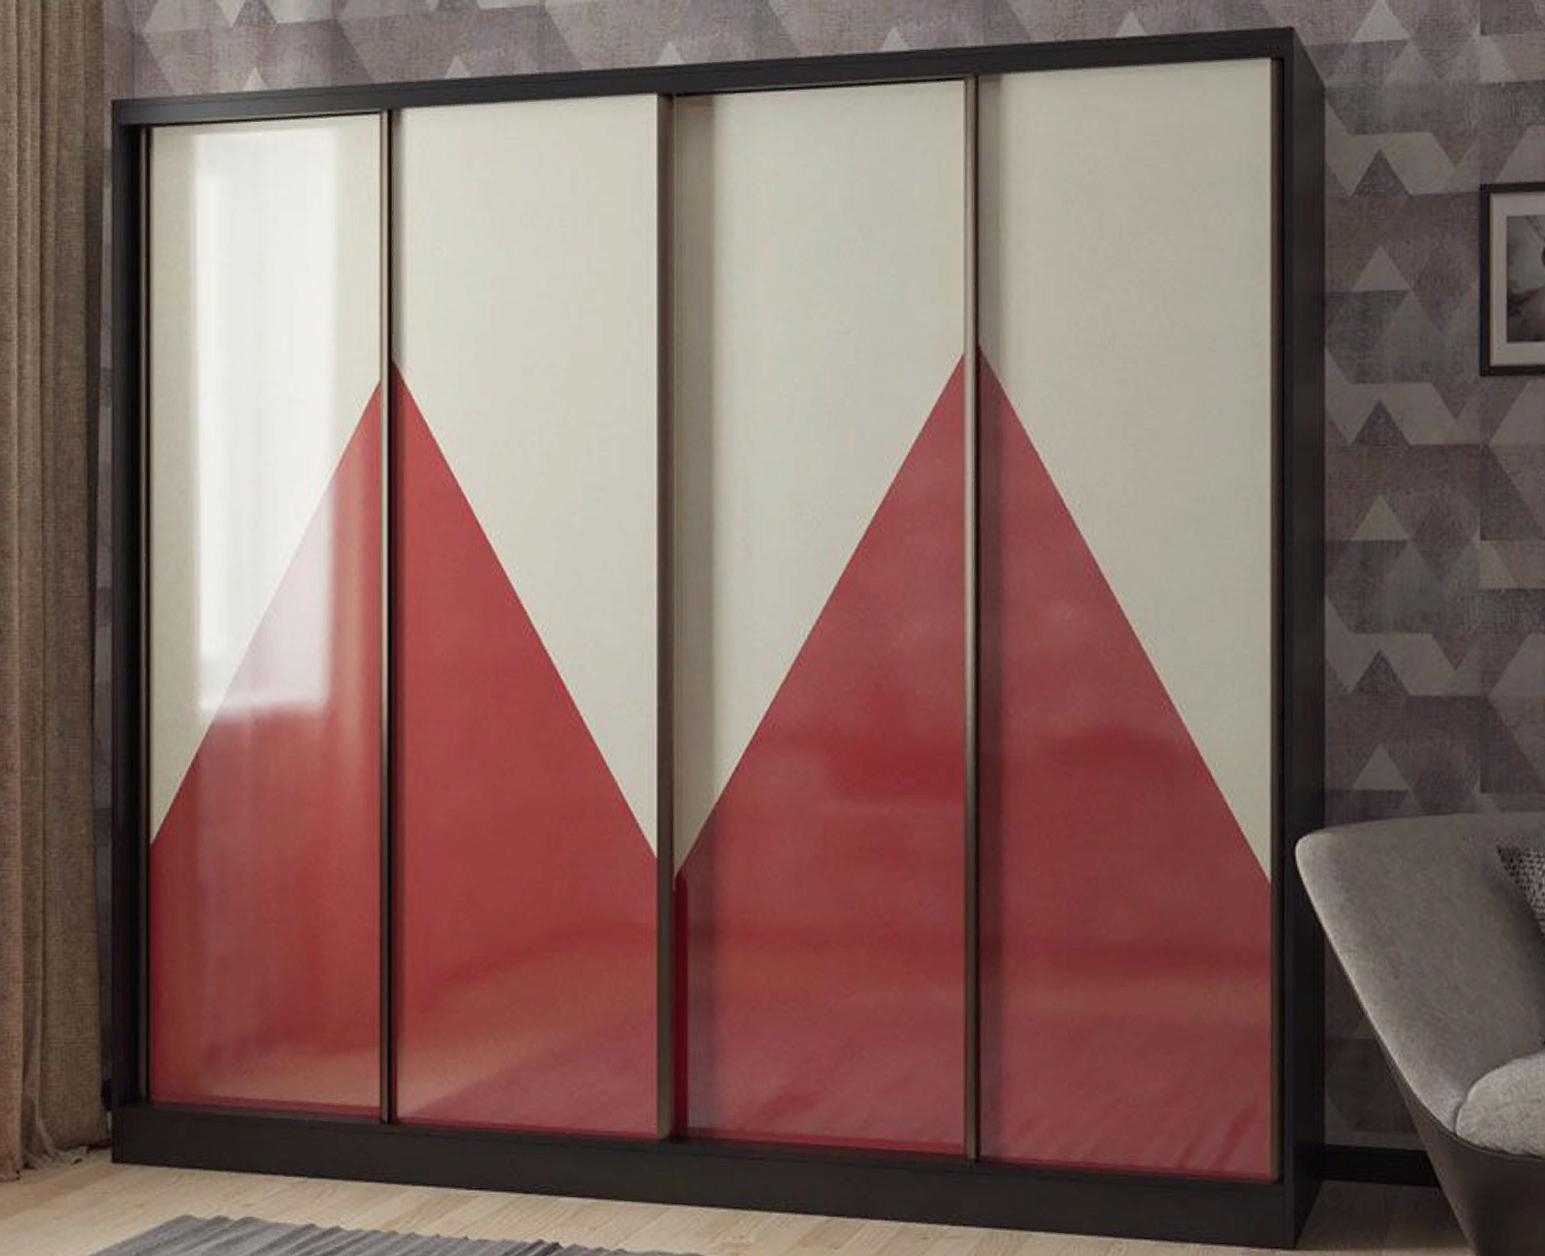 Шкаф-купе в гостиную 4 двери Венге Темно-красный Бежевый